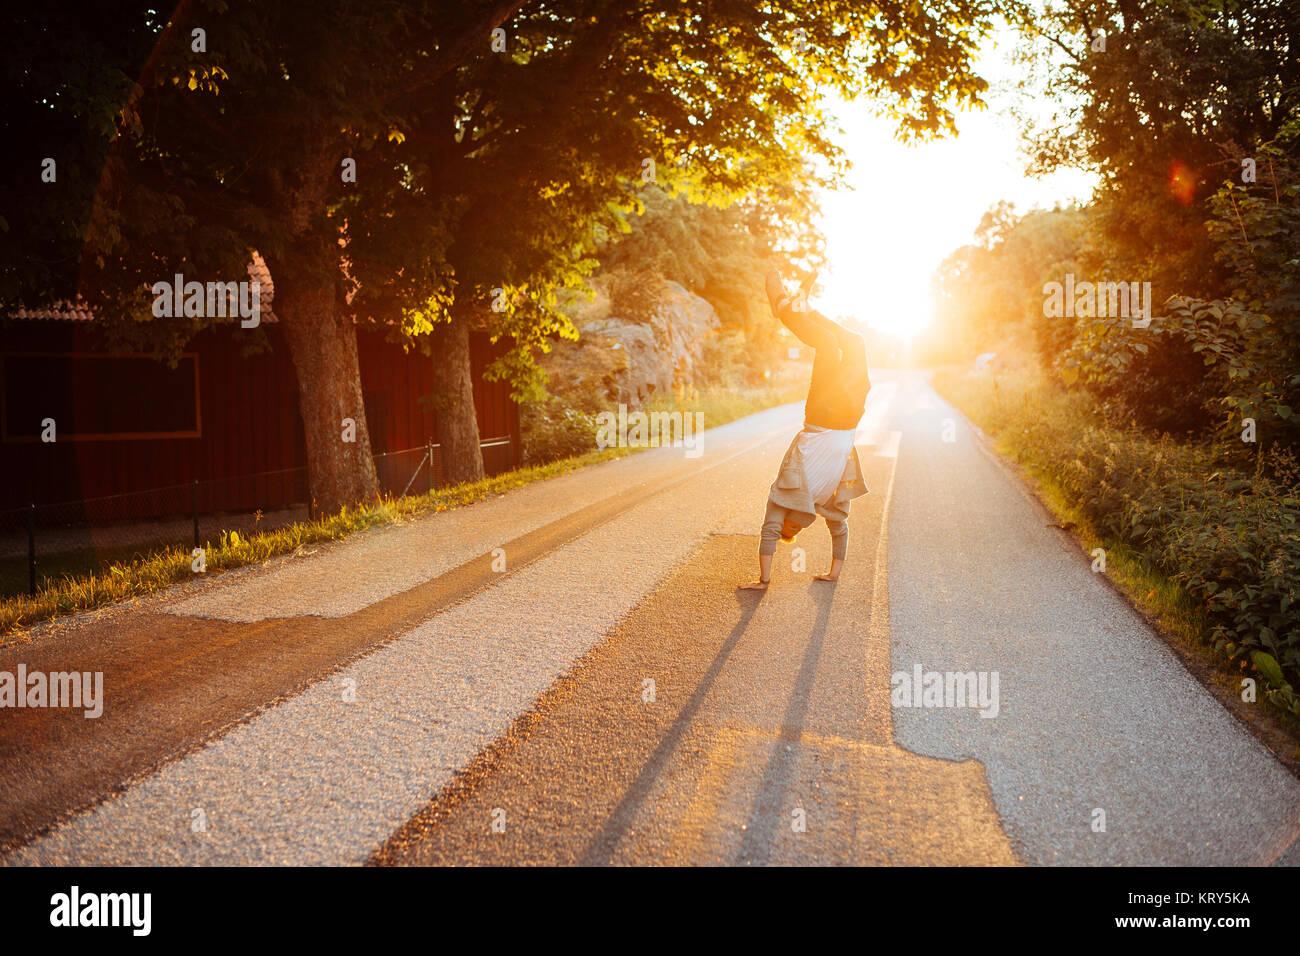 L'homme faisant un ATR sur une route au coucher du soleil à Sweden Photo Stock